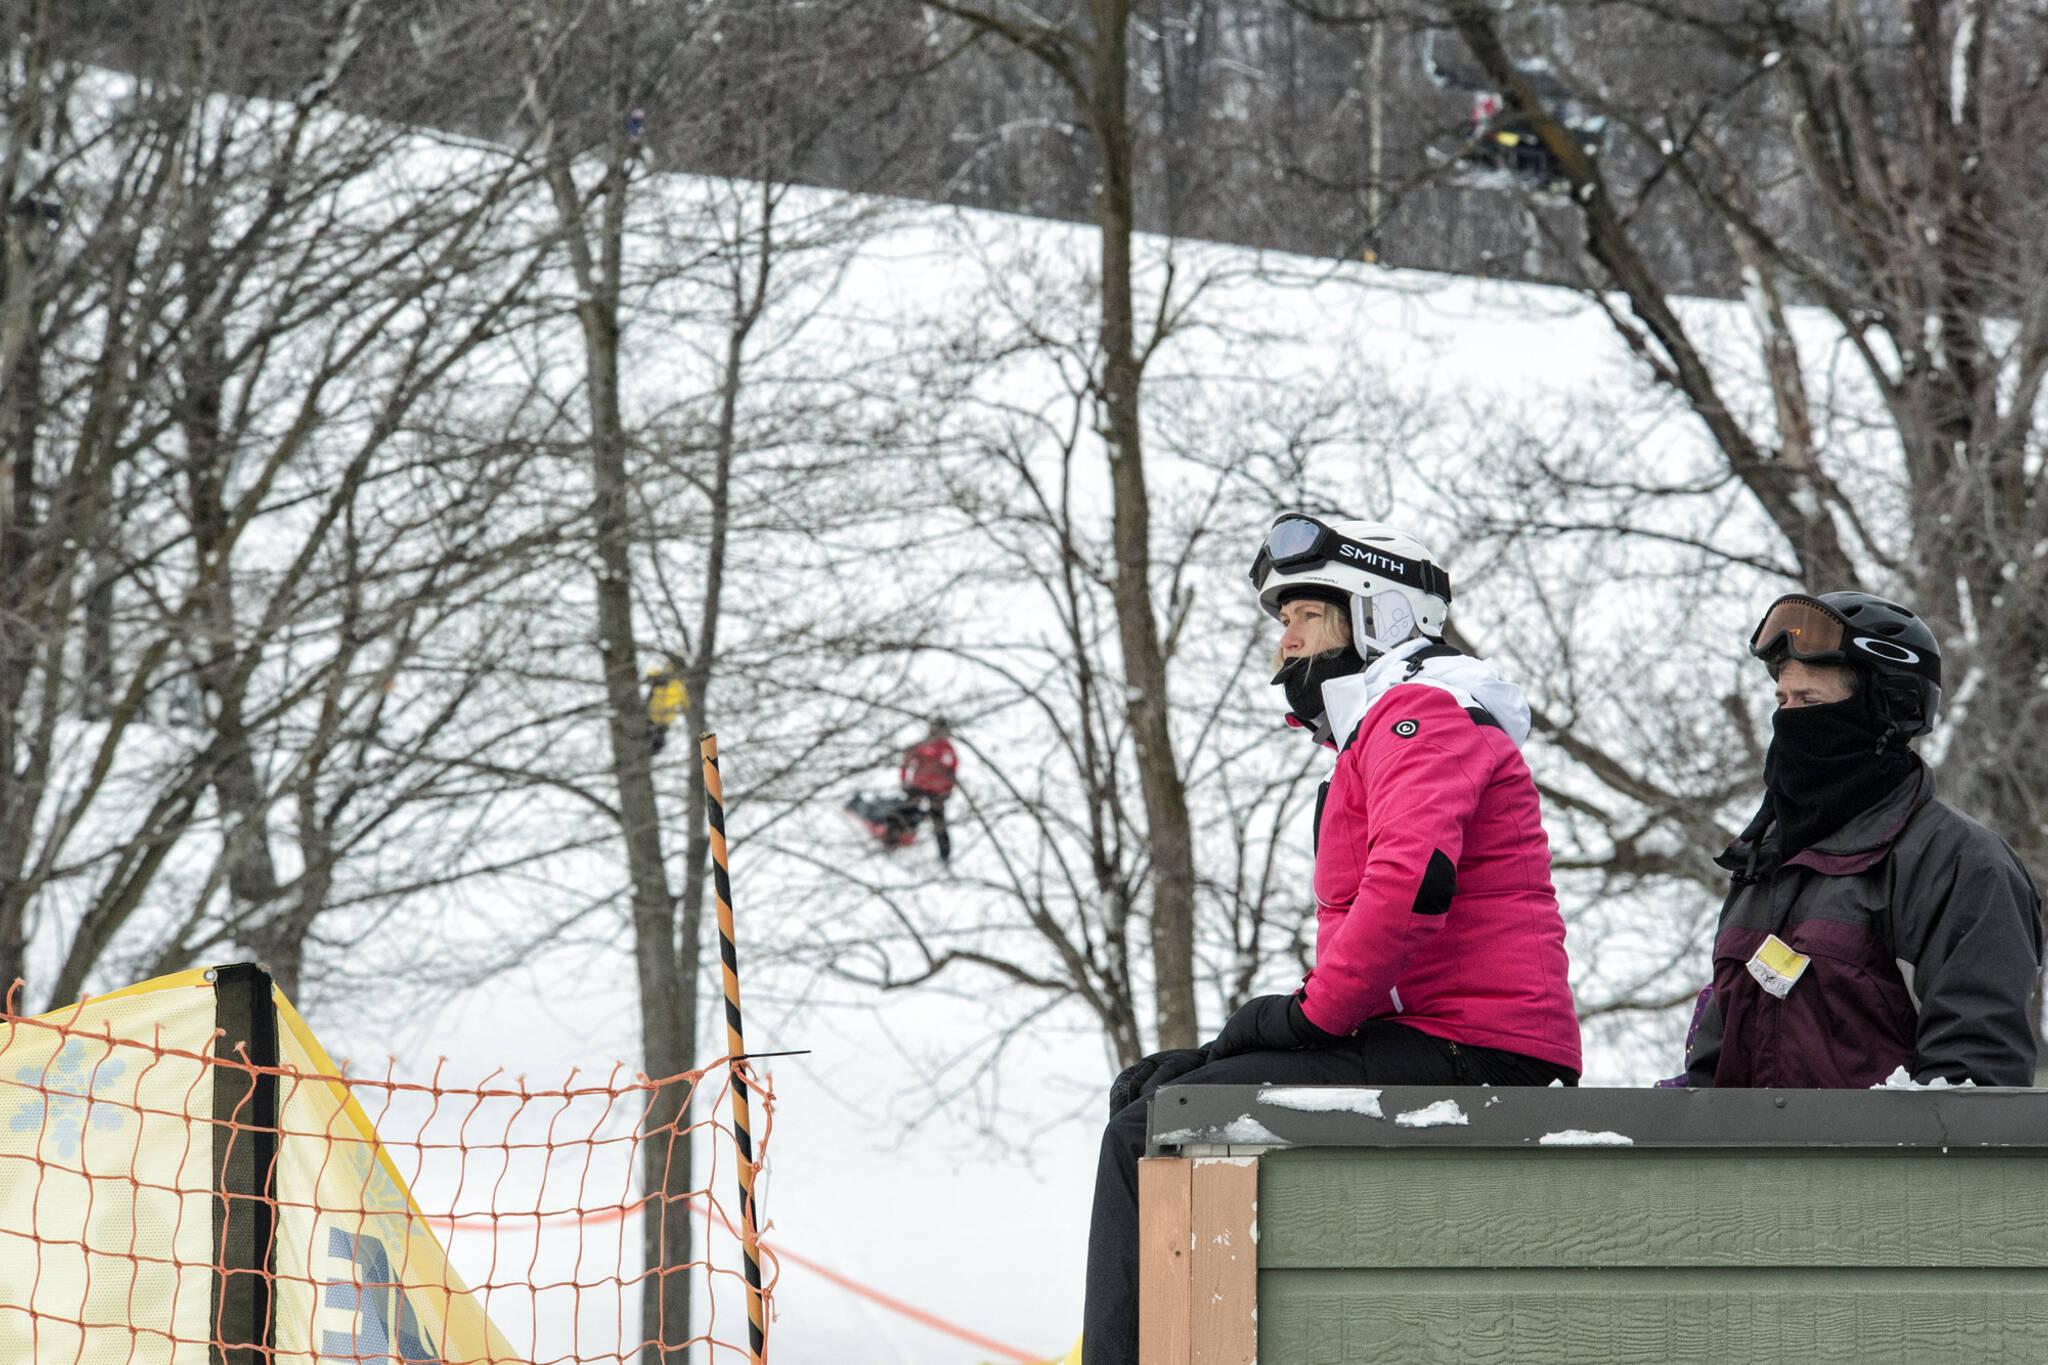 ski hills open